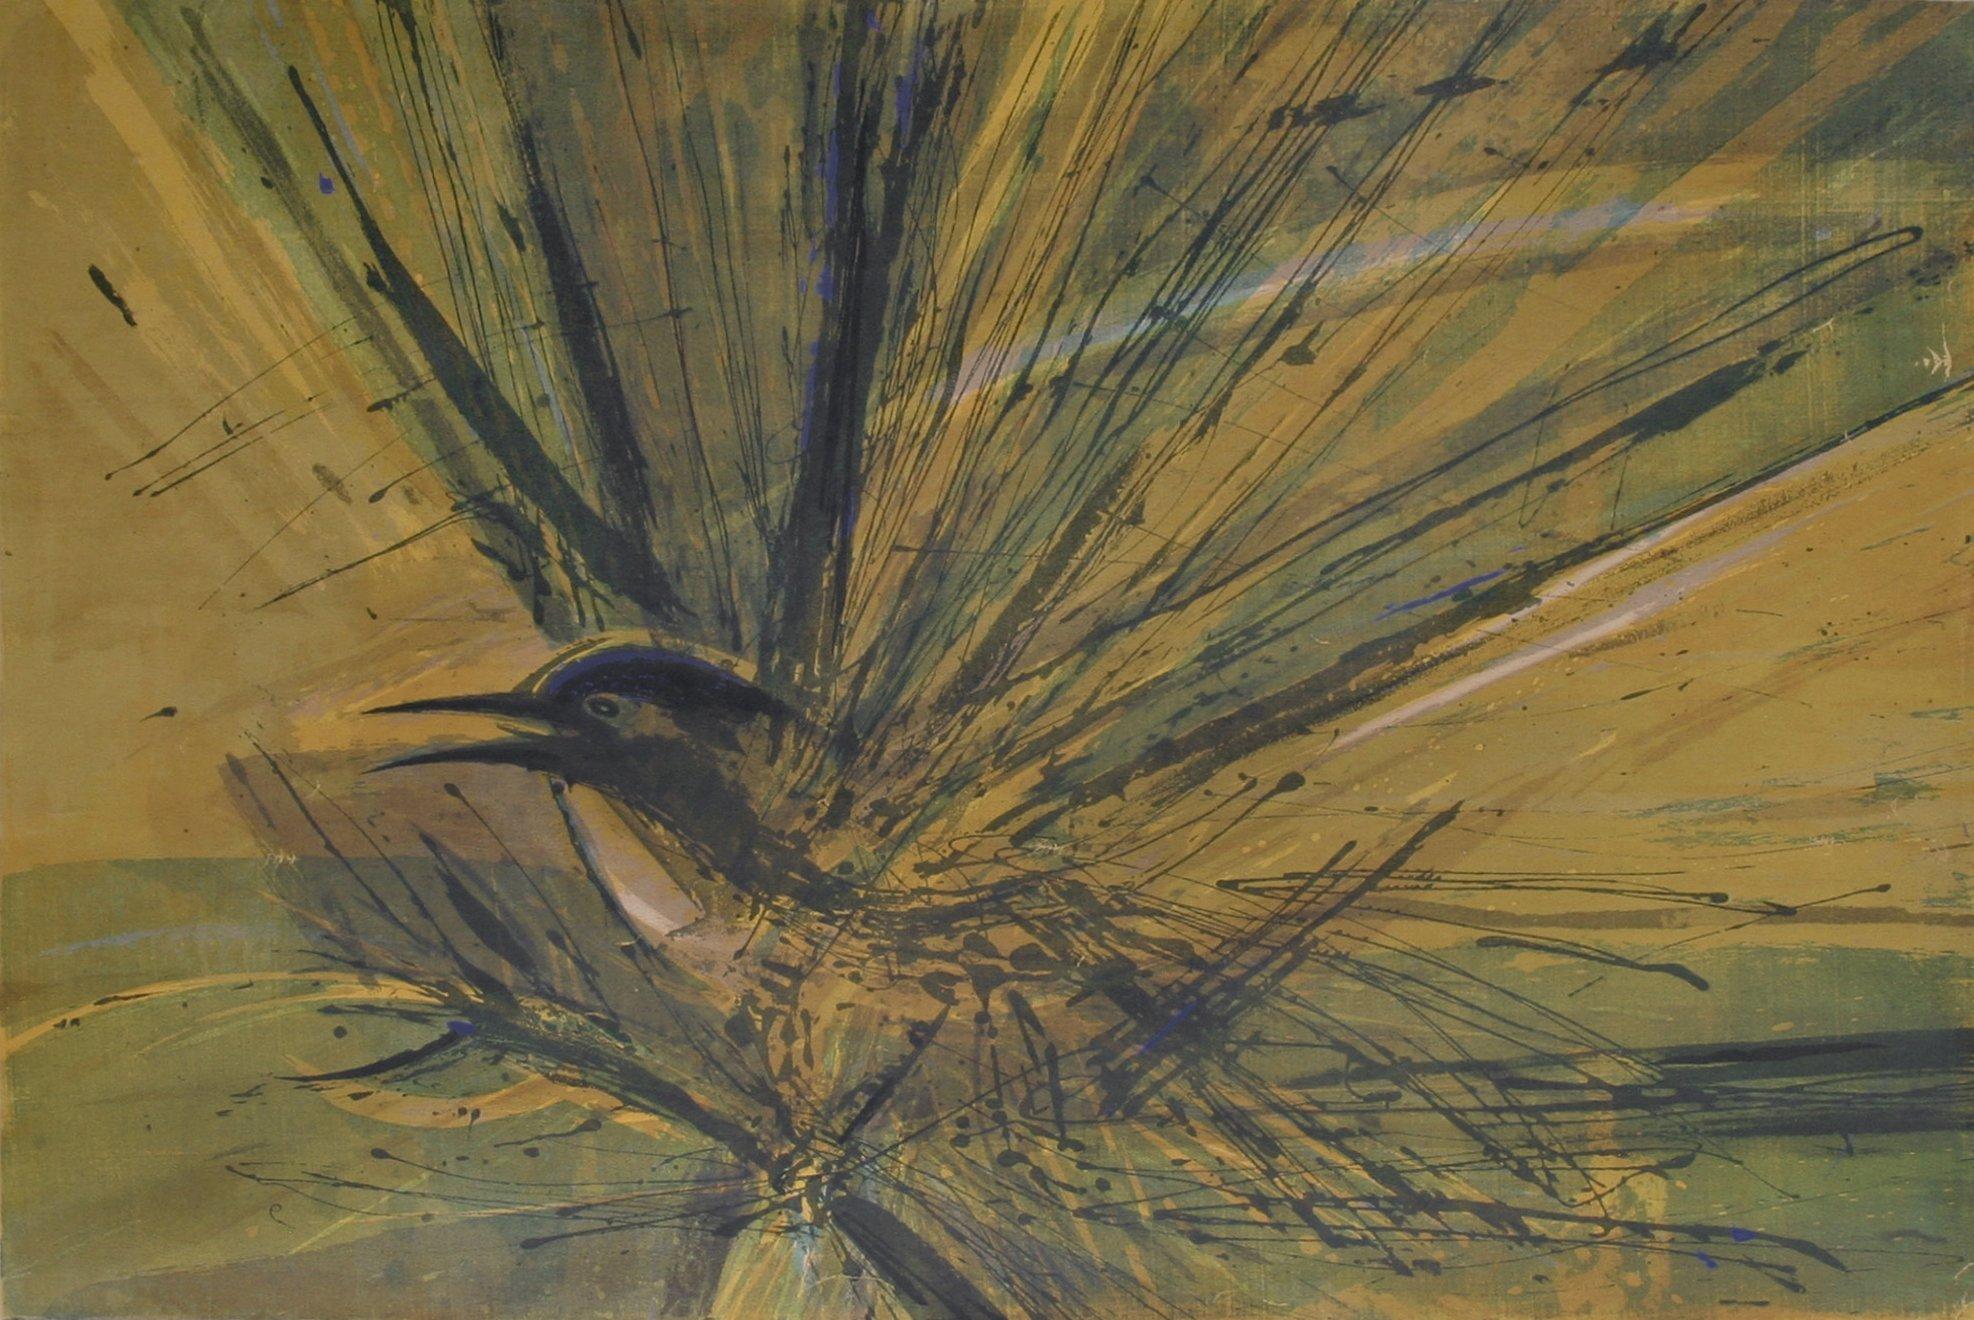 Thiebaud, Wayne – Untitled Bird, 1958